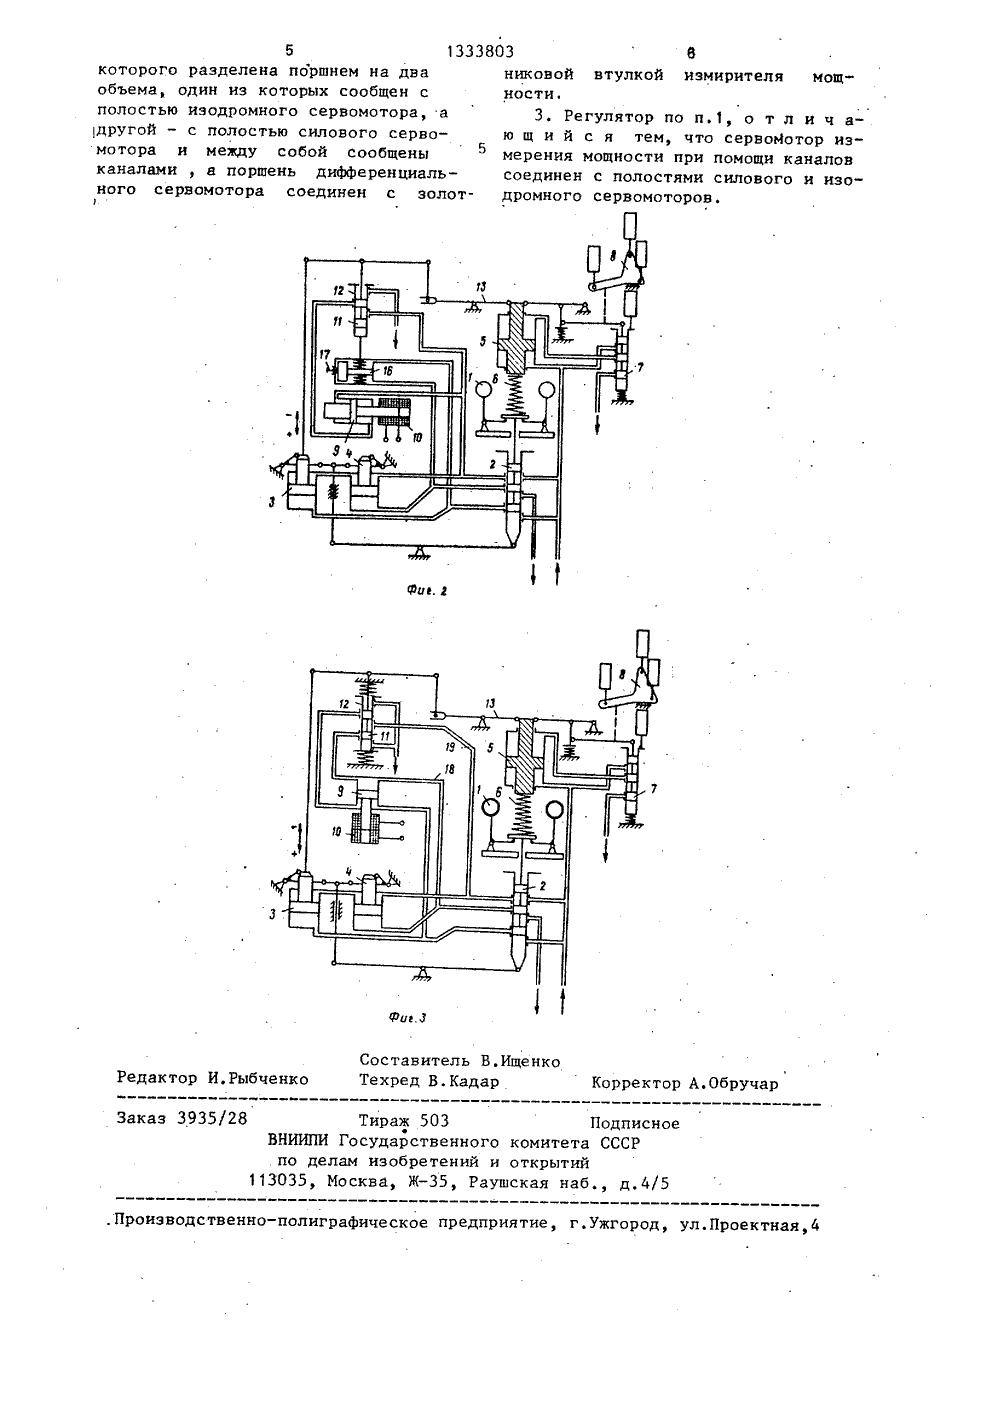 схема рчв для мощных двиготелей